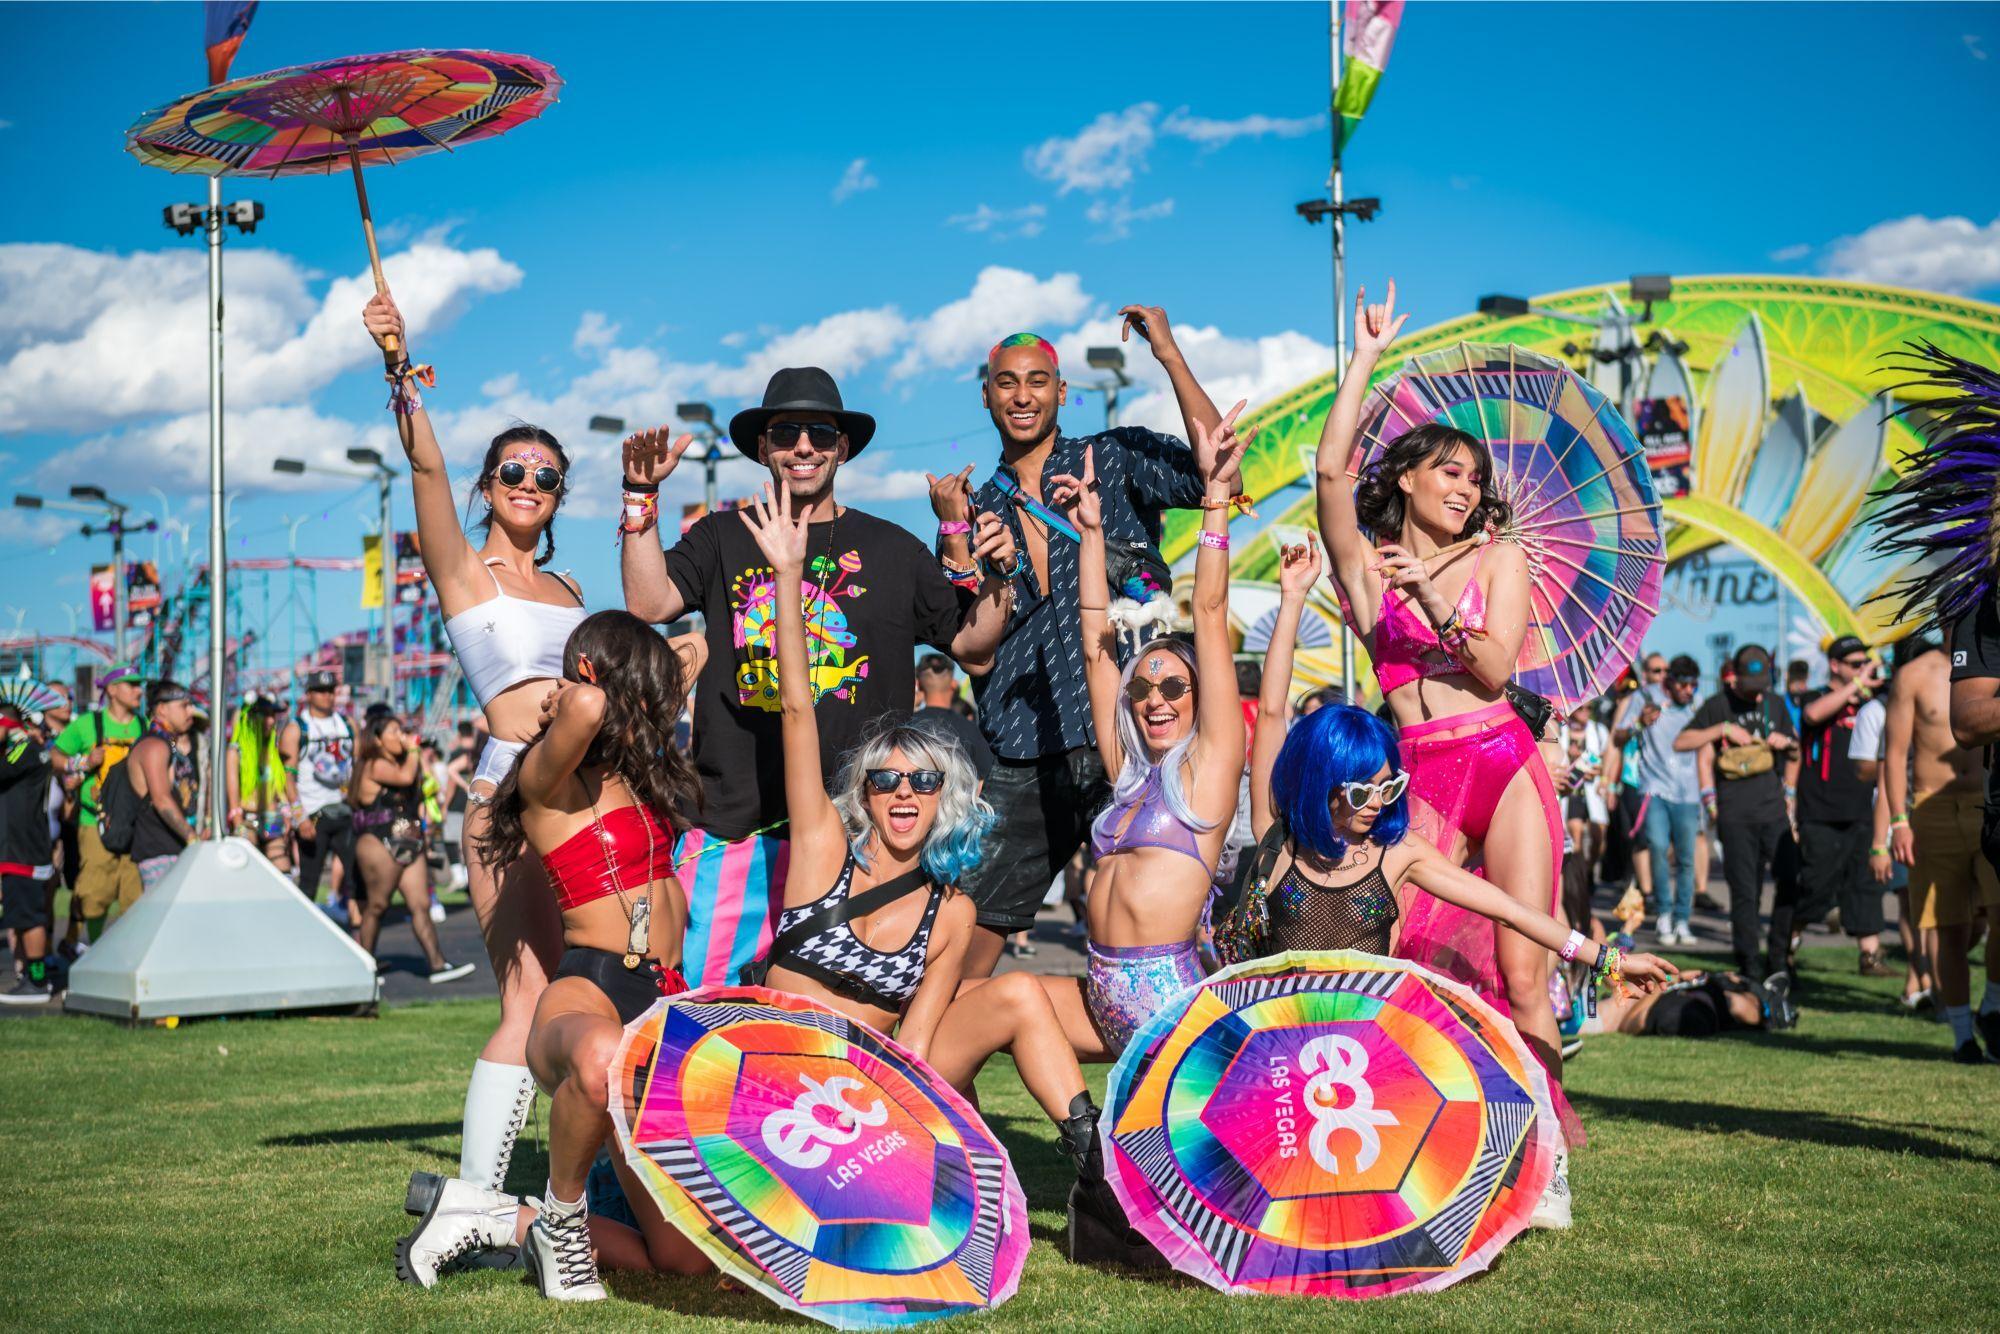 PHOTOS: 2019 Electric Daisy Carnival (EDC) in Las Vegas